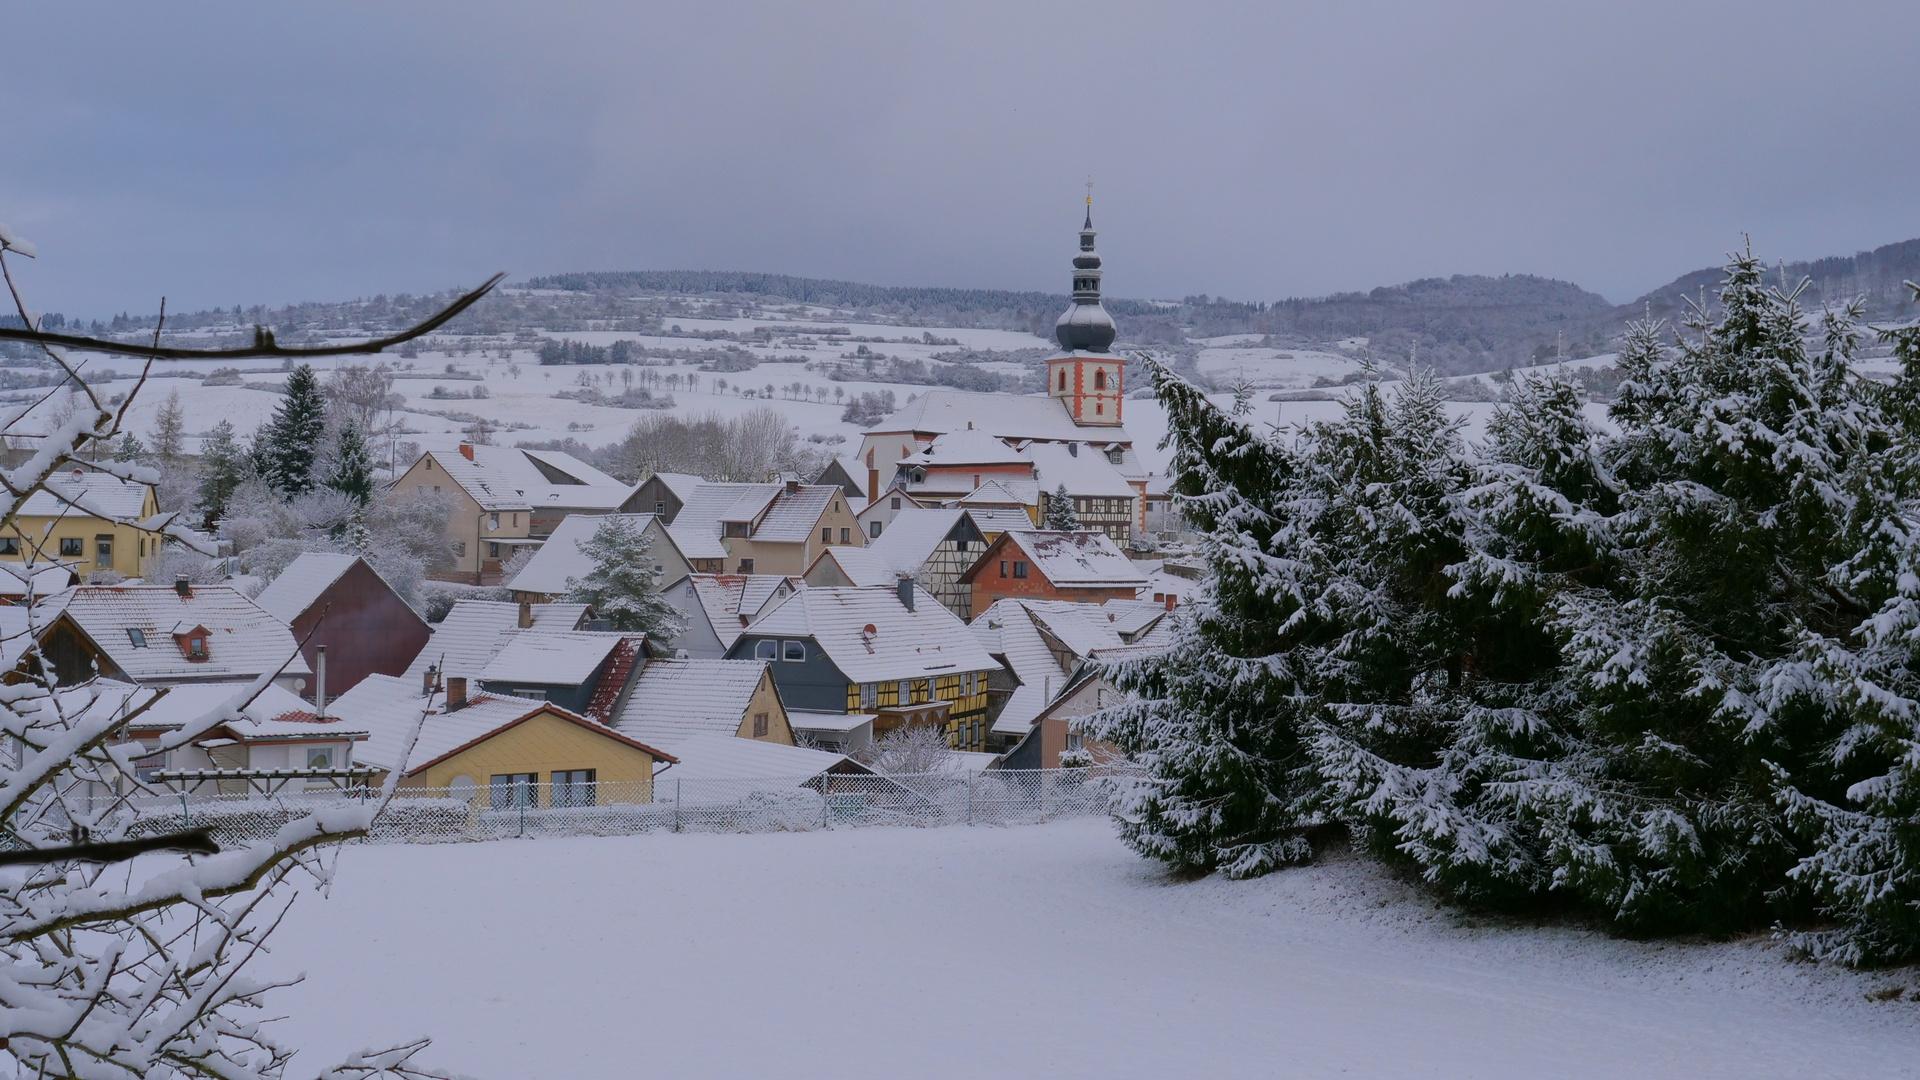 Winter (invierno)